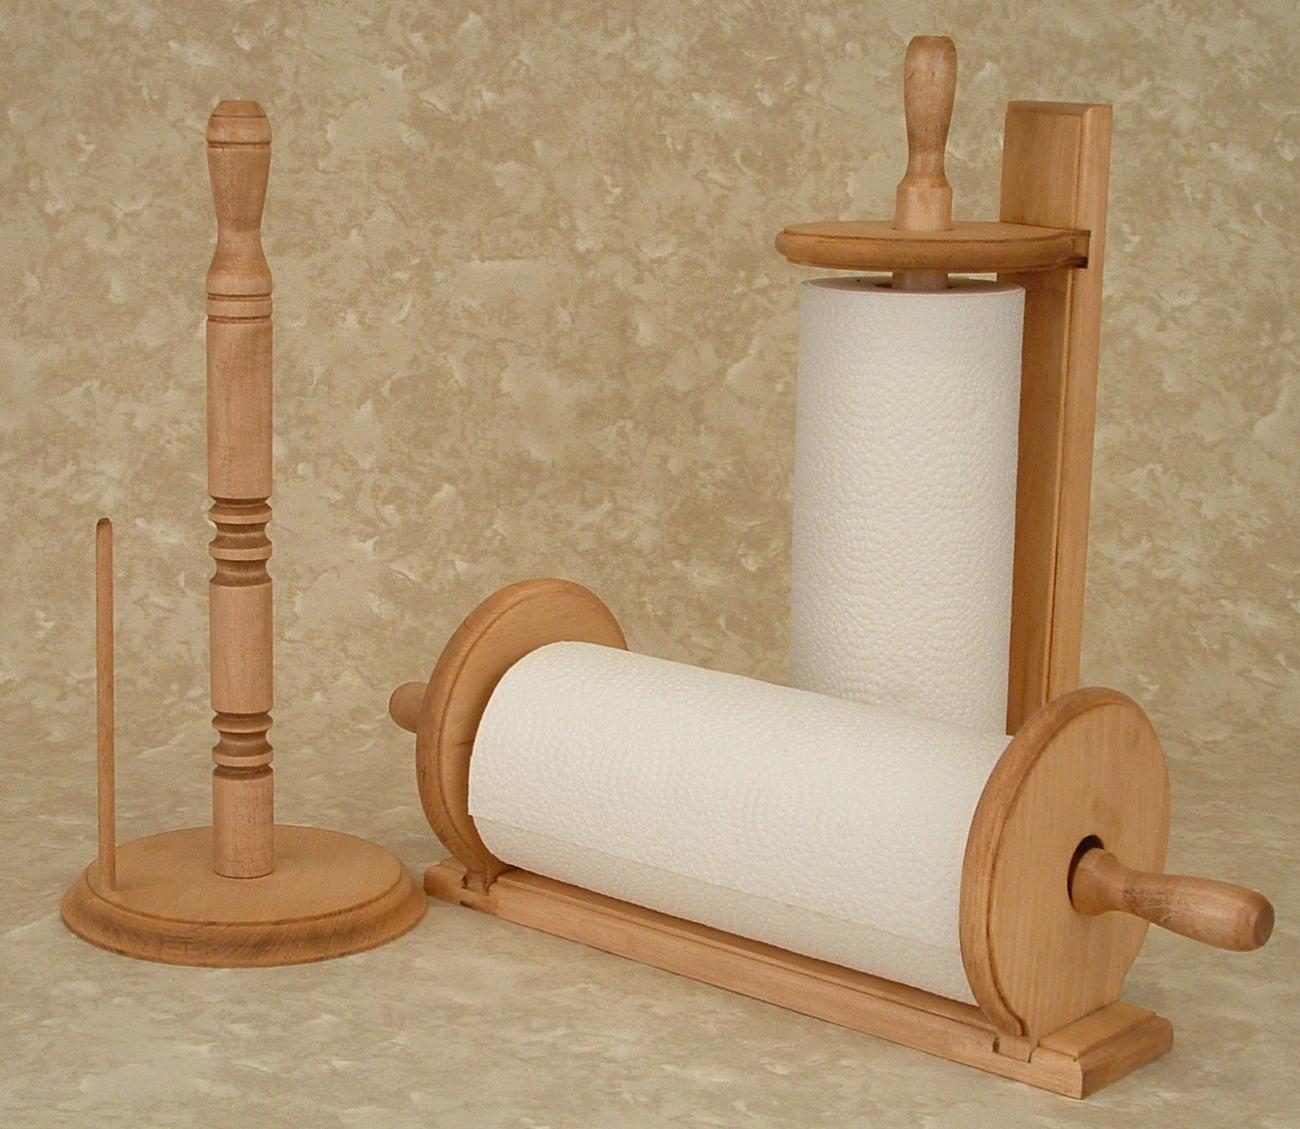 Spice Rack - Paper Towel Holder - Shelf - Racks & Holders